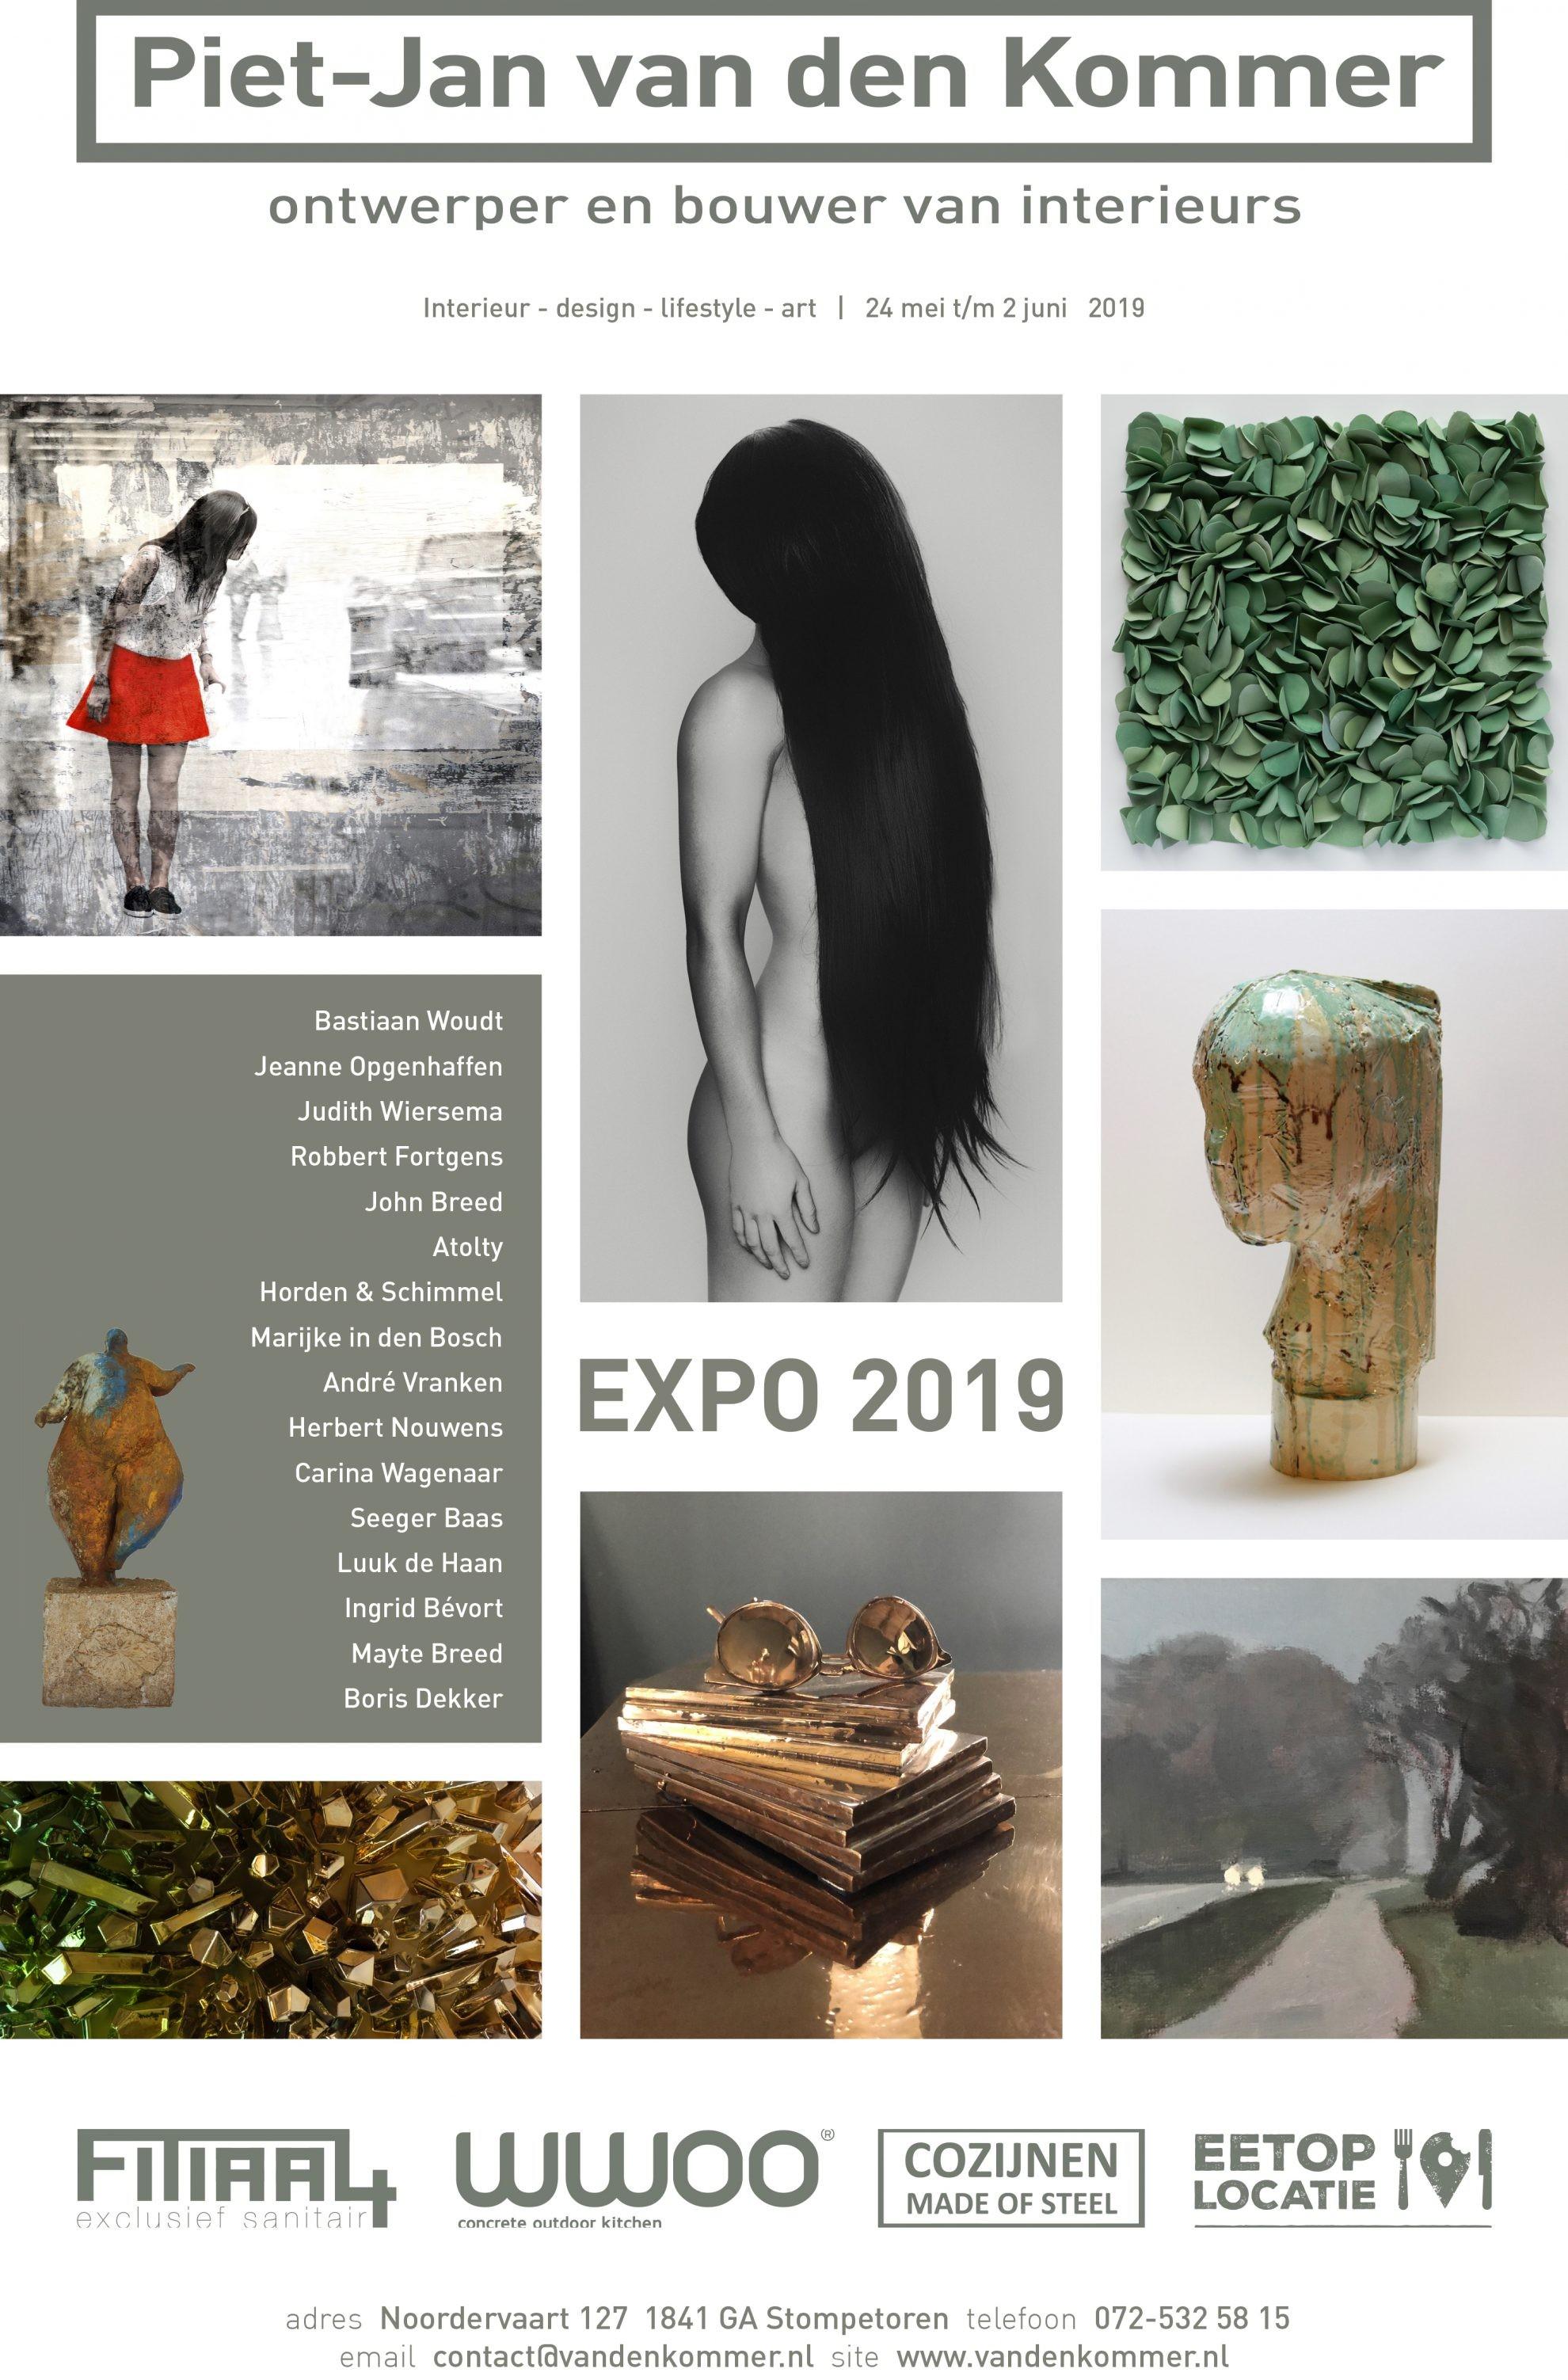 EXPO 2019 | Piet-Jan van den Kommer